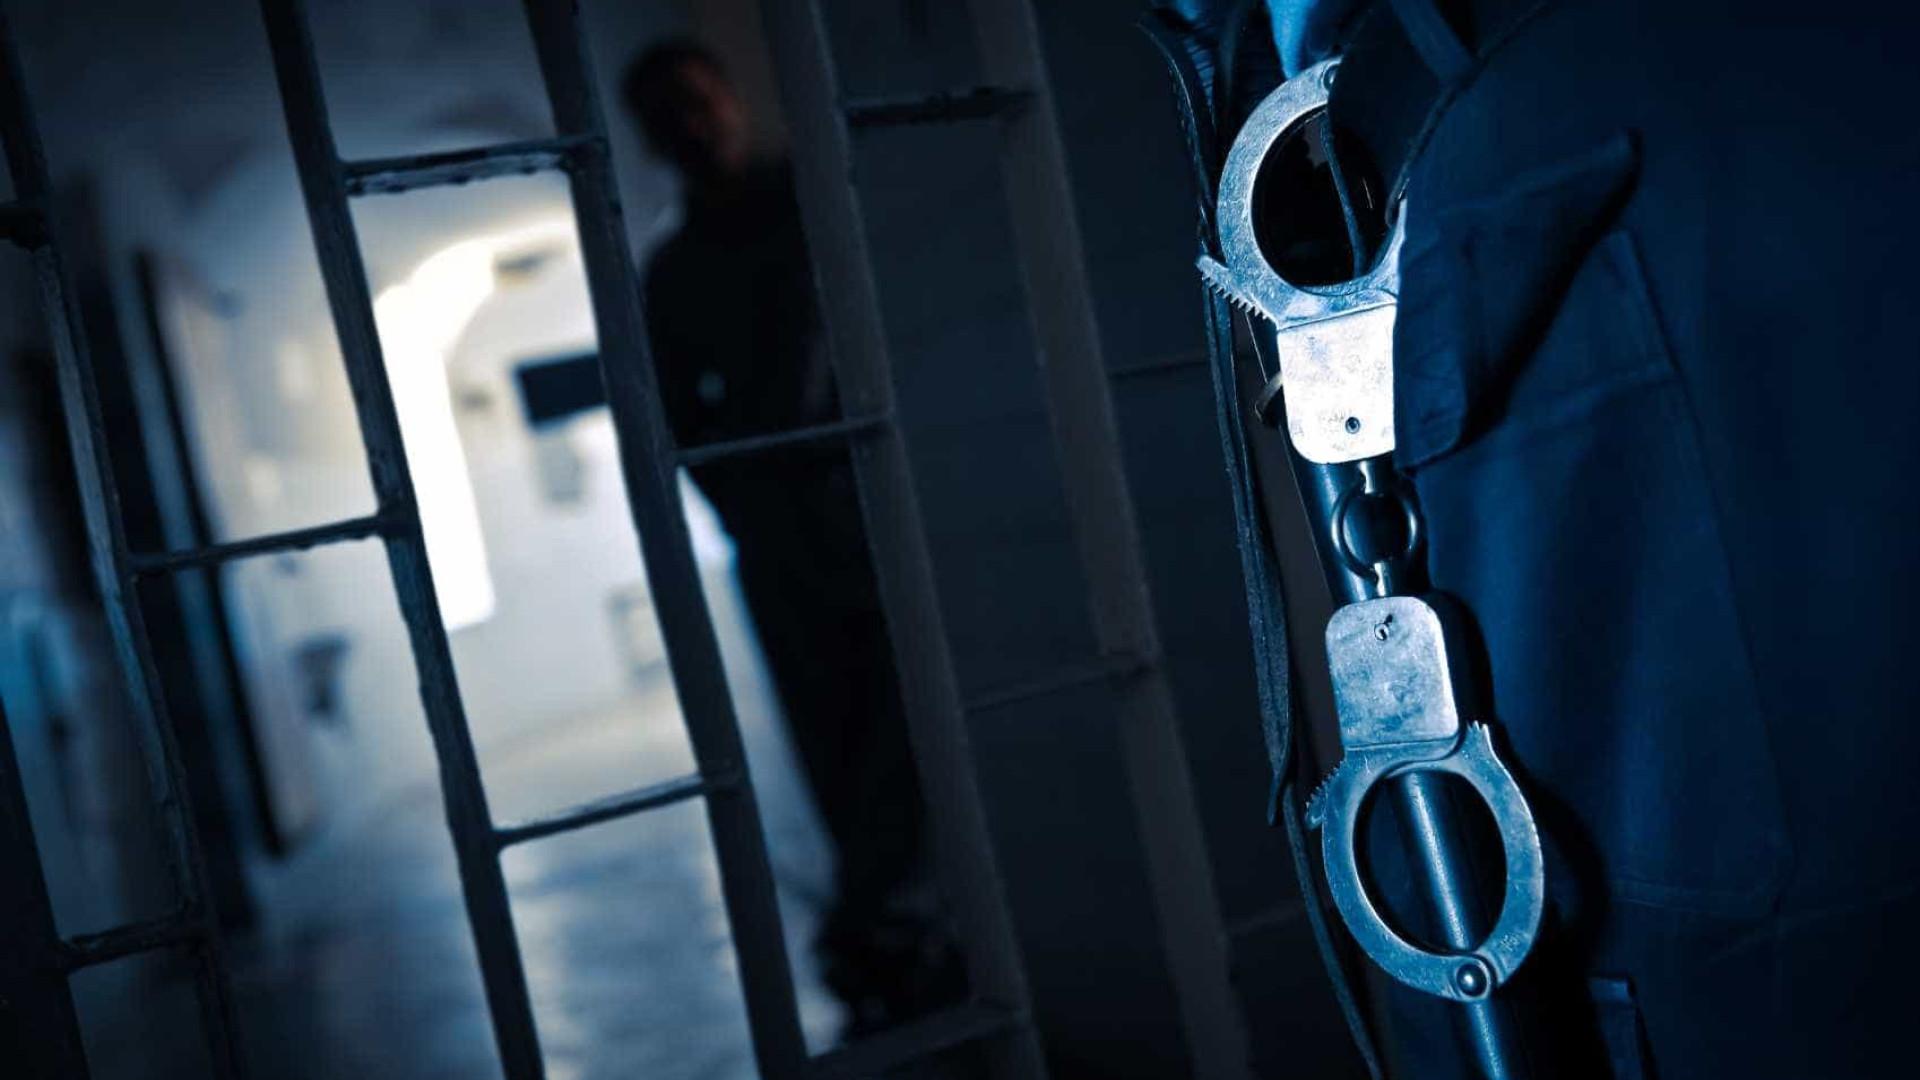 Sete detidos em Famalicão por alegado envolvimento em vaga de assaltos